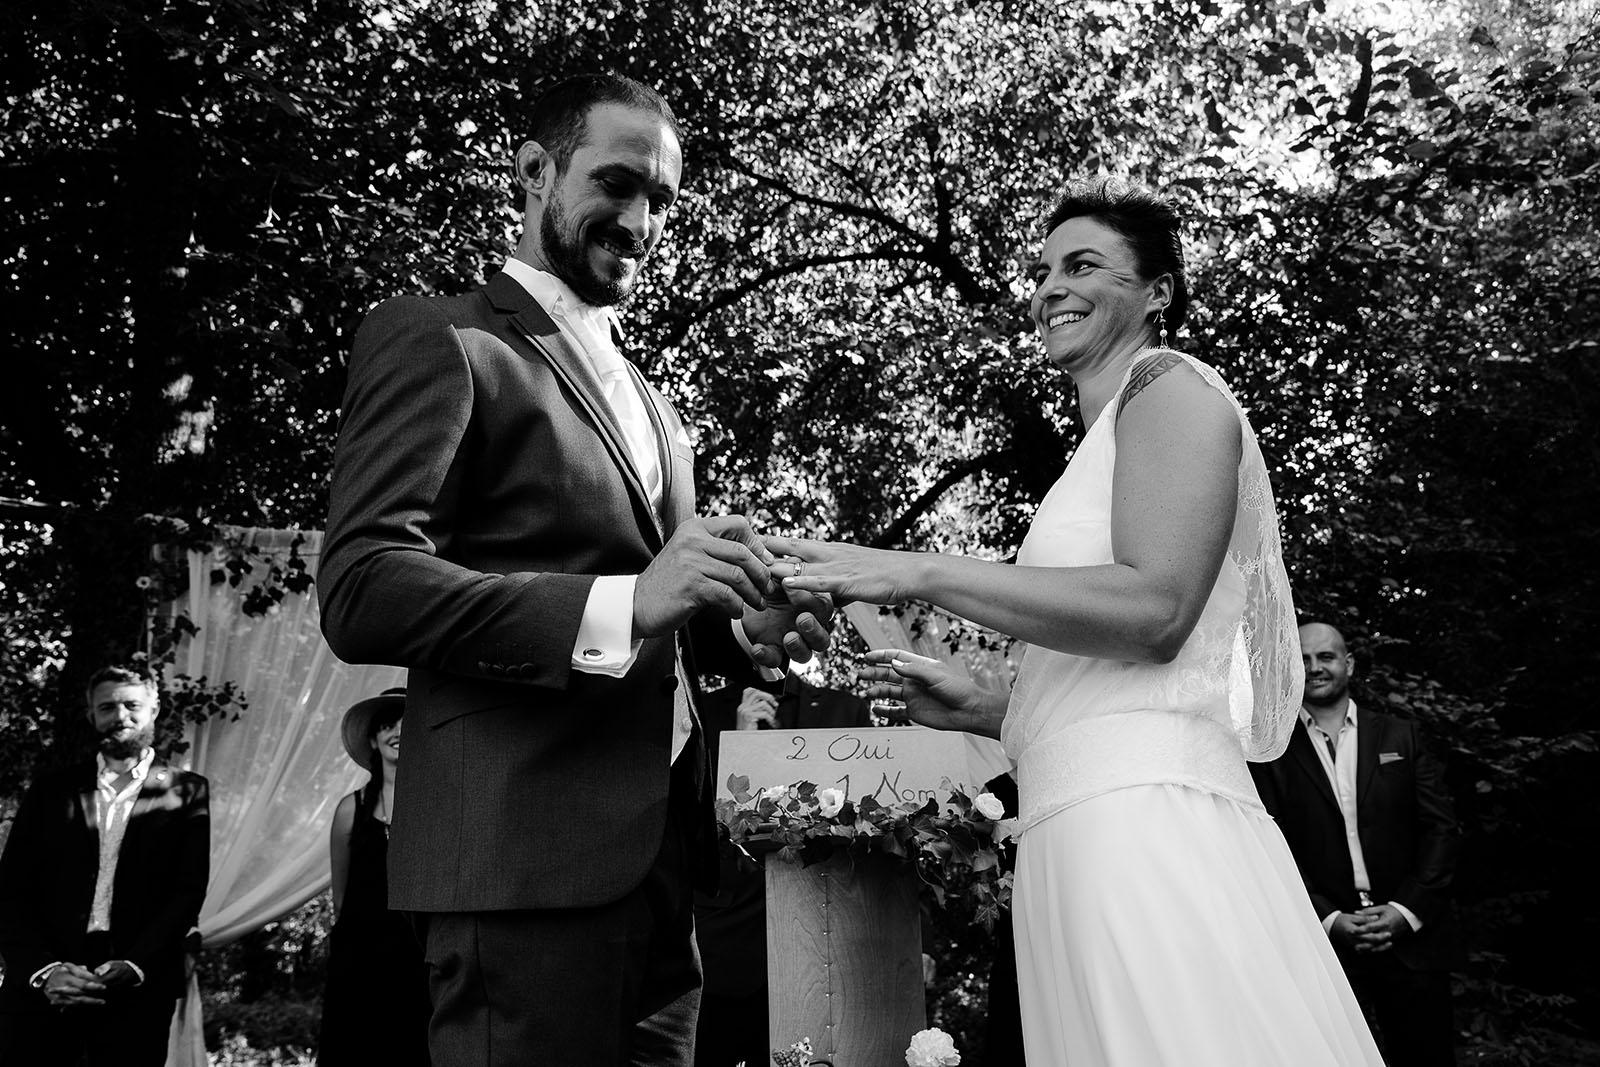 photographe de mariage Saint Etienne émotion joie bonheur cérémonie laique mariage champêtre